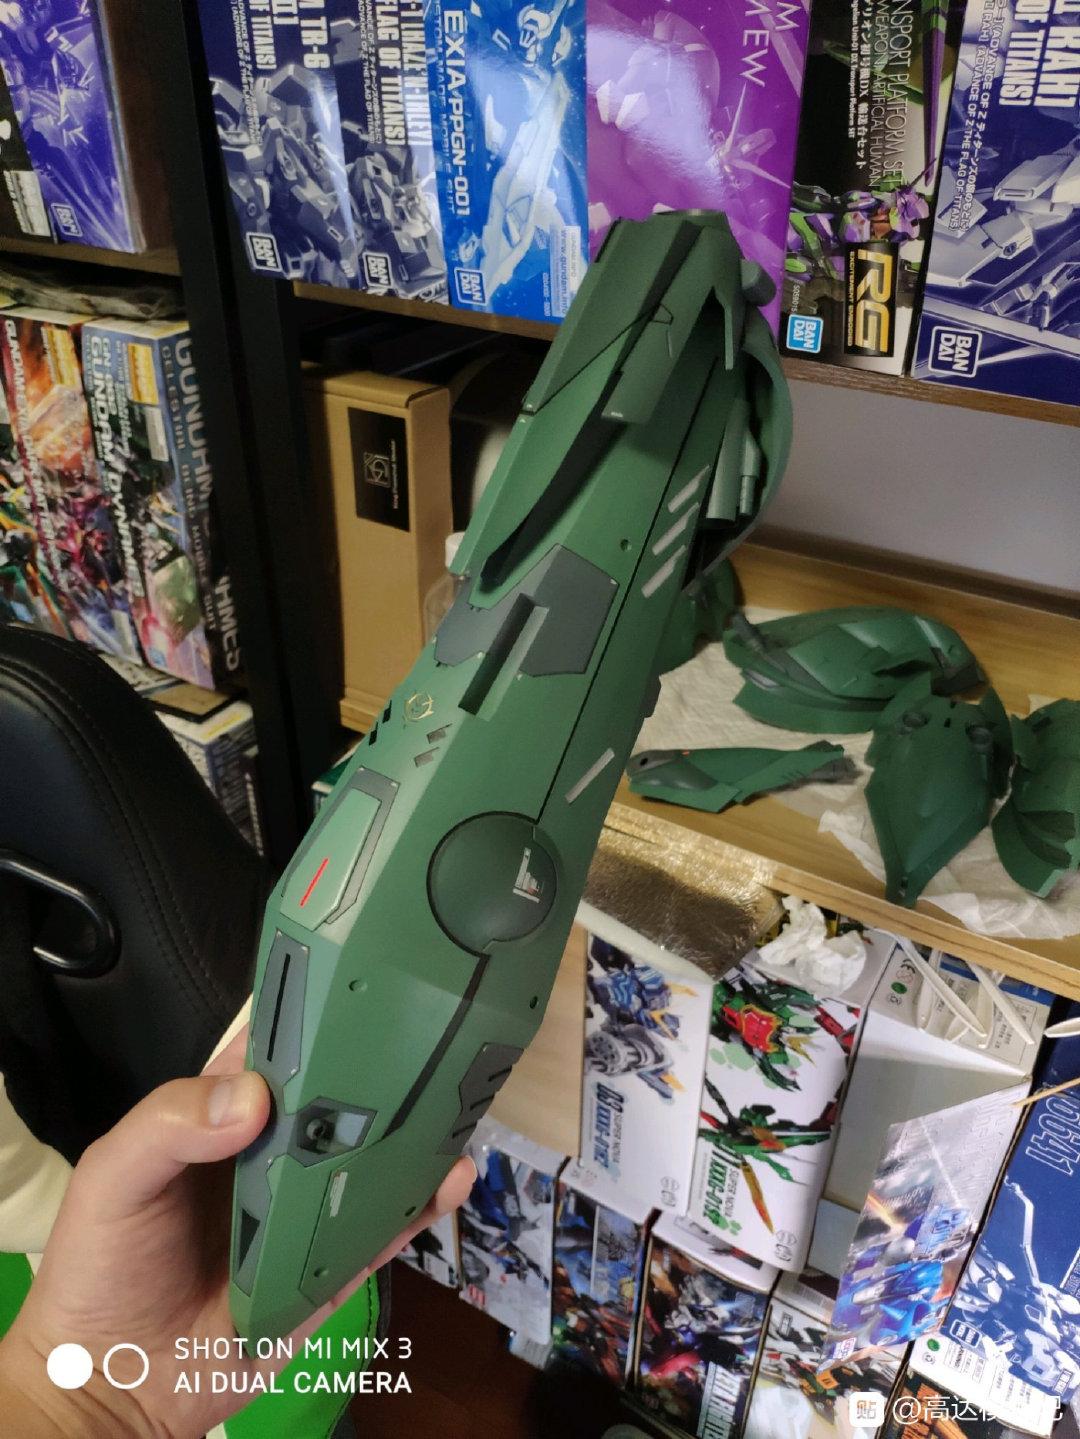 G330_AMX_002_Neue_Ziel_p_092.jpg